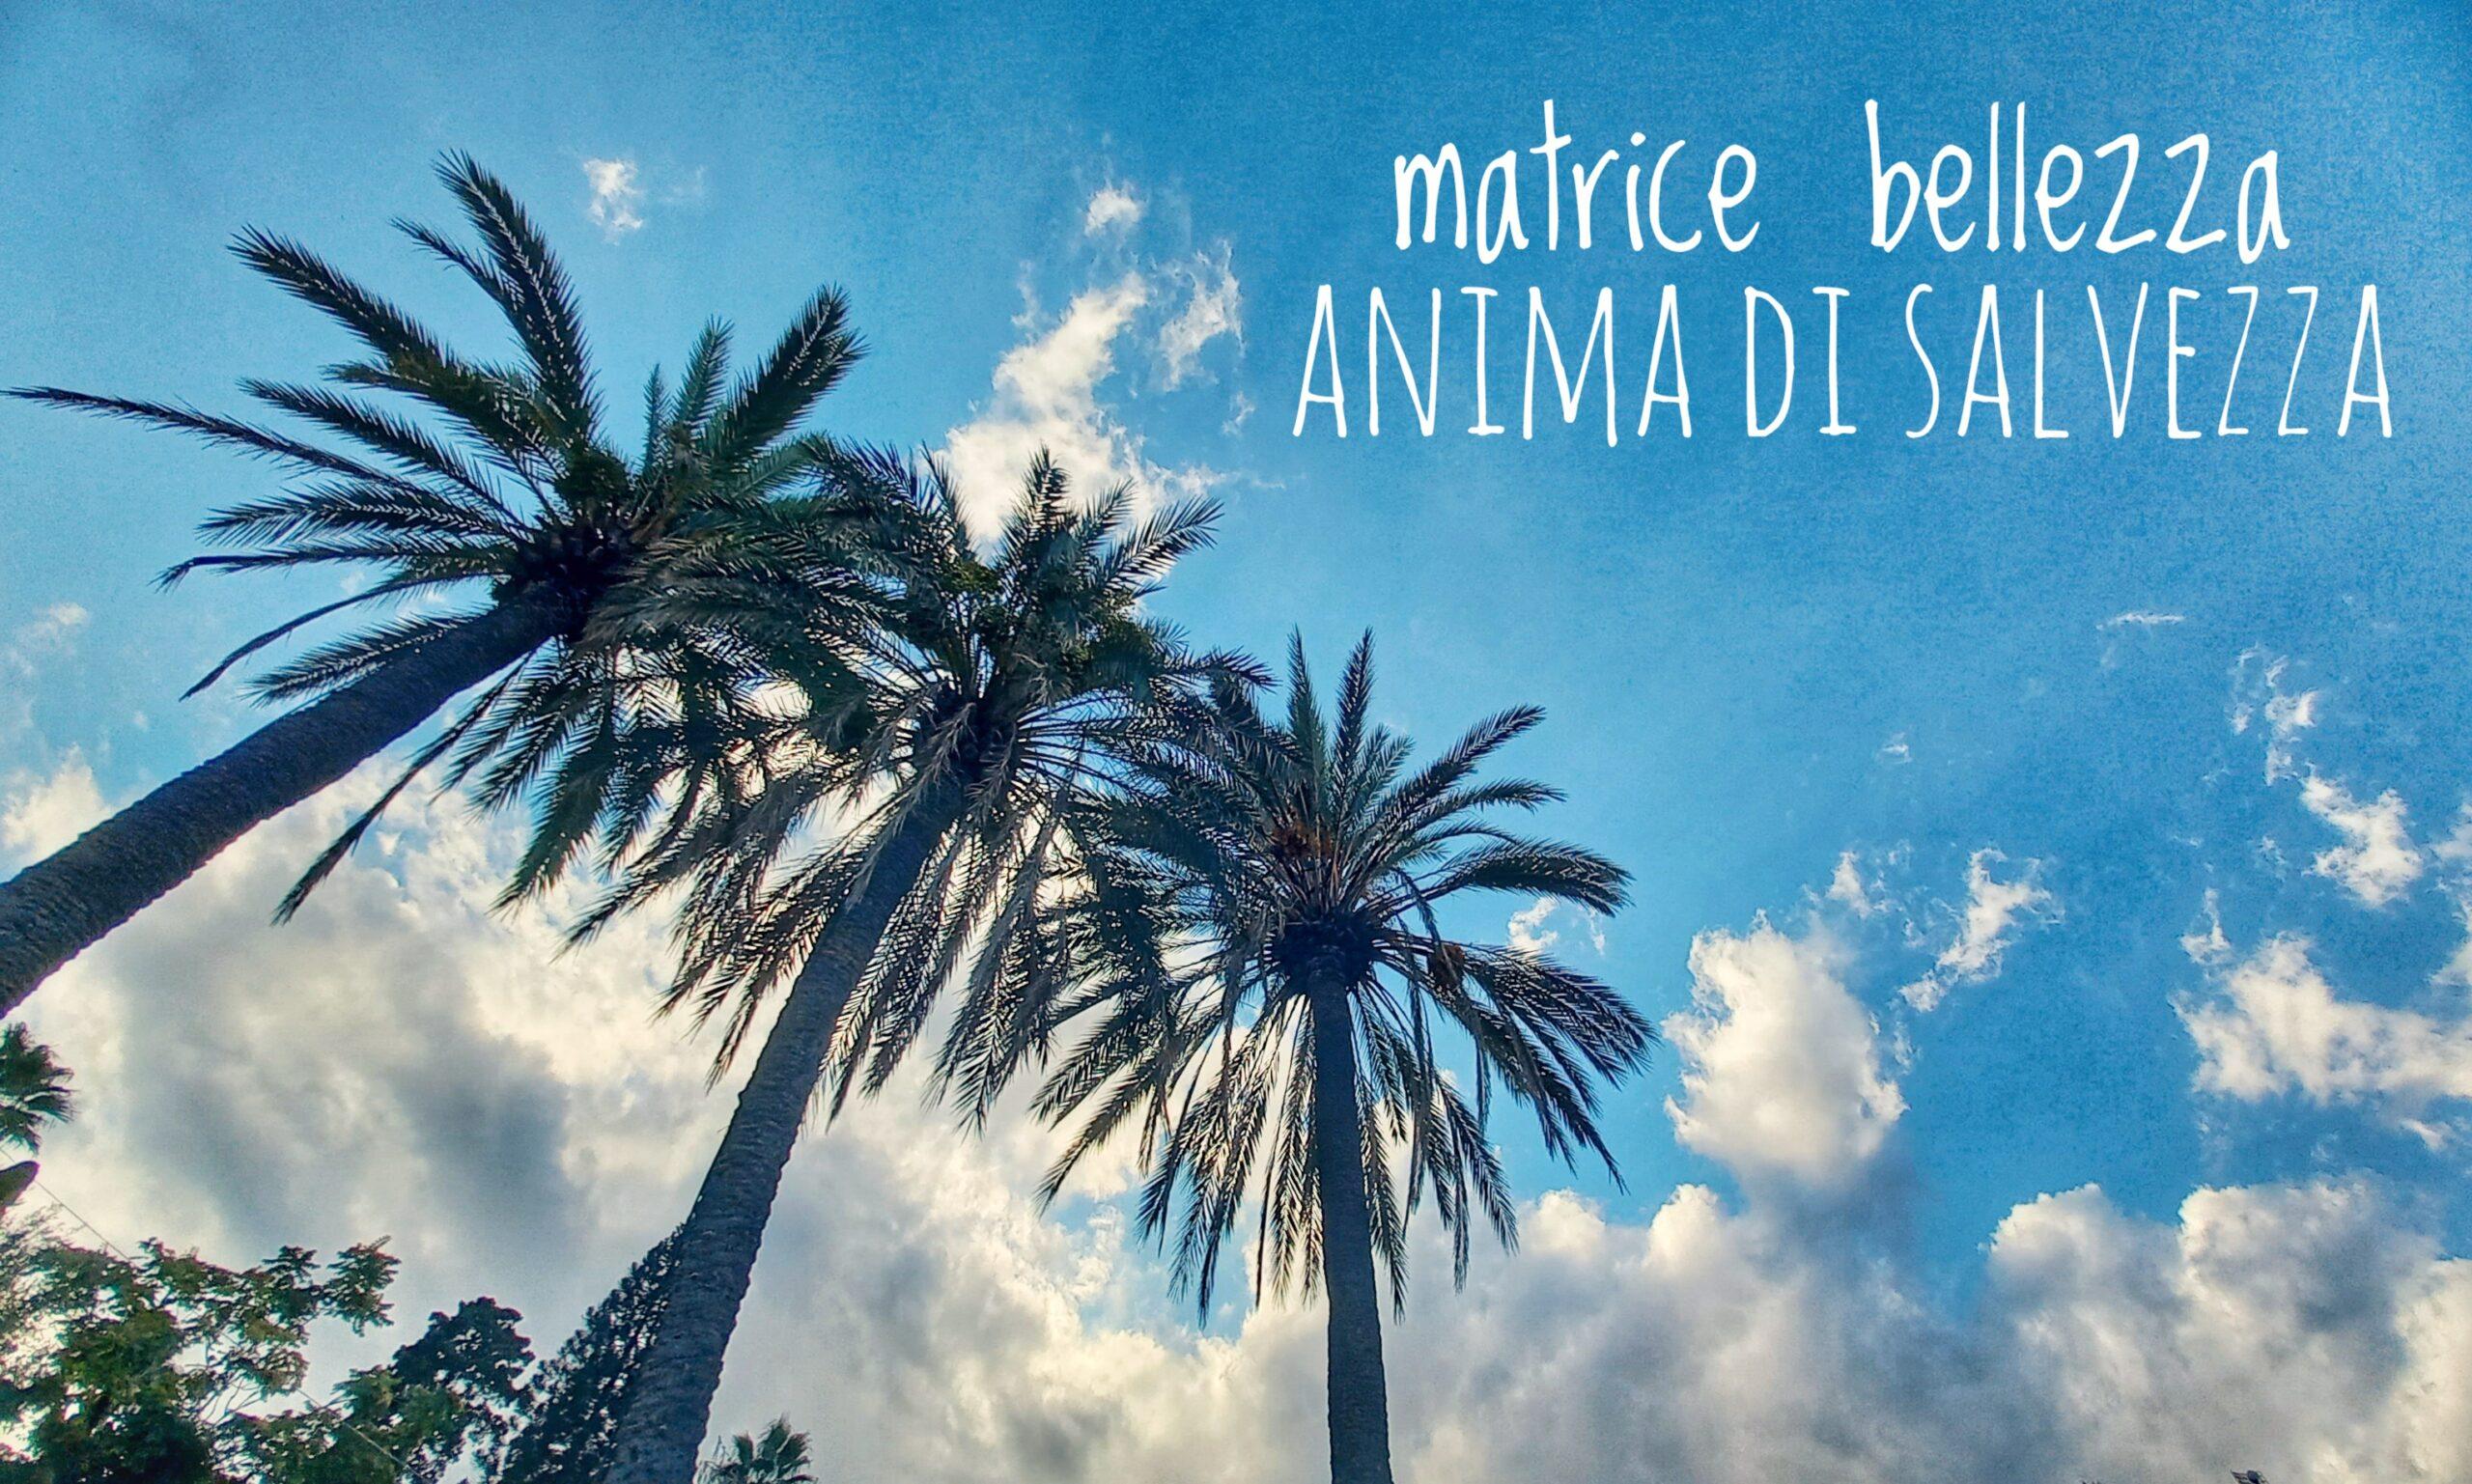 Mazzarrò Taormina Sicily needs love